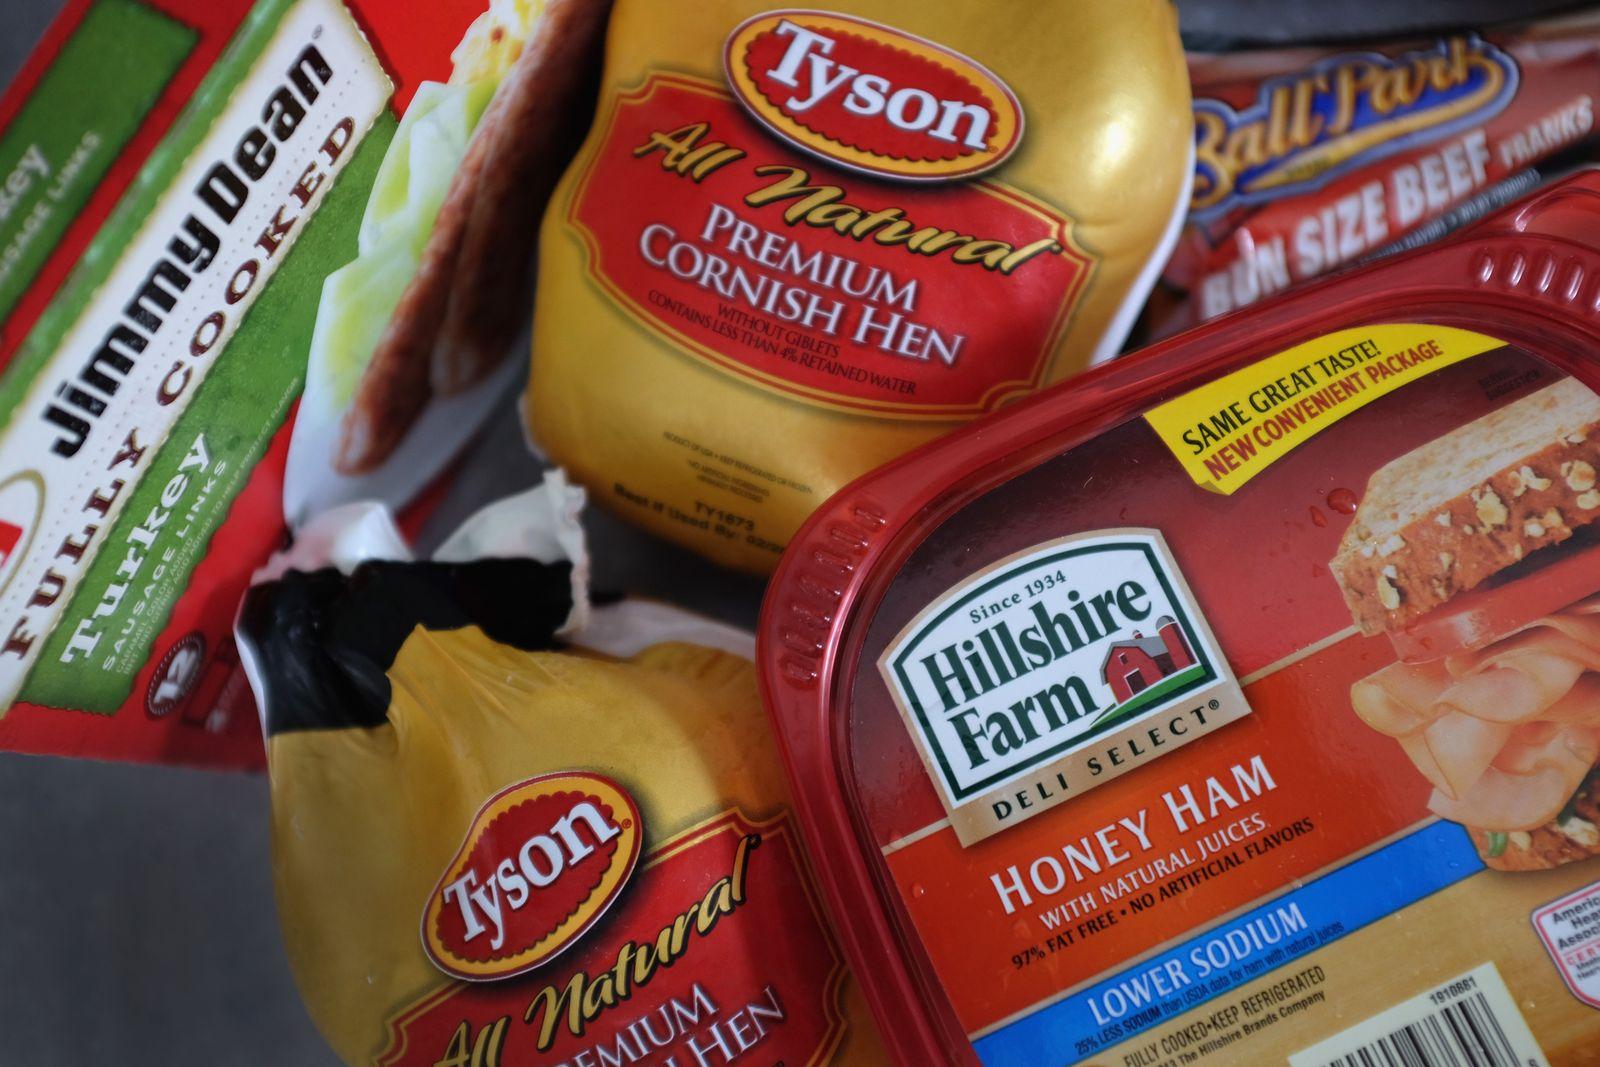 US-TYSON-FOODS-MAKES-OFFER-FOR-HILLSHIRE-BRANDS